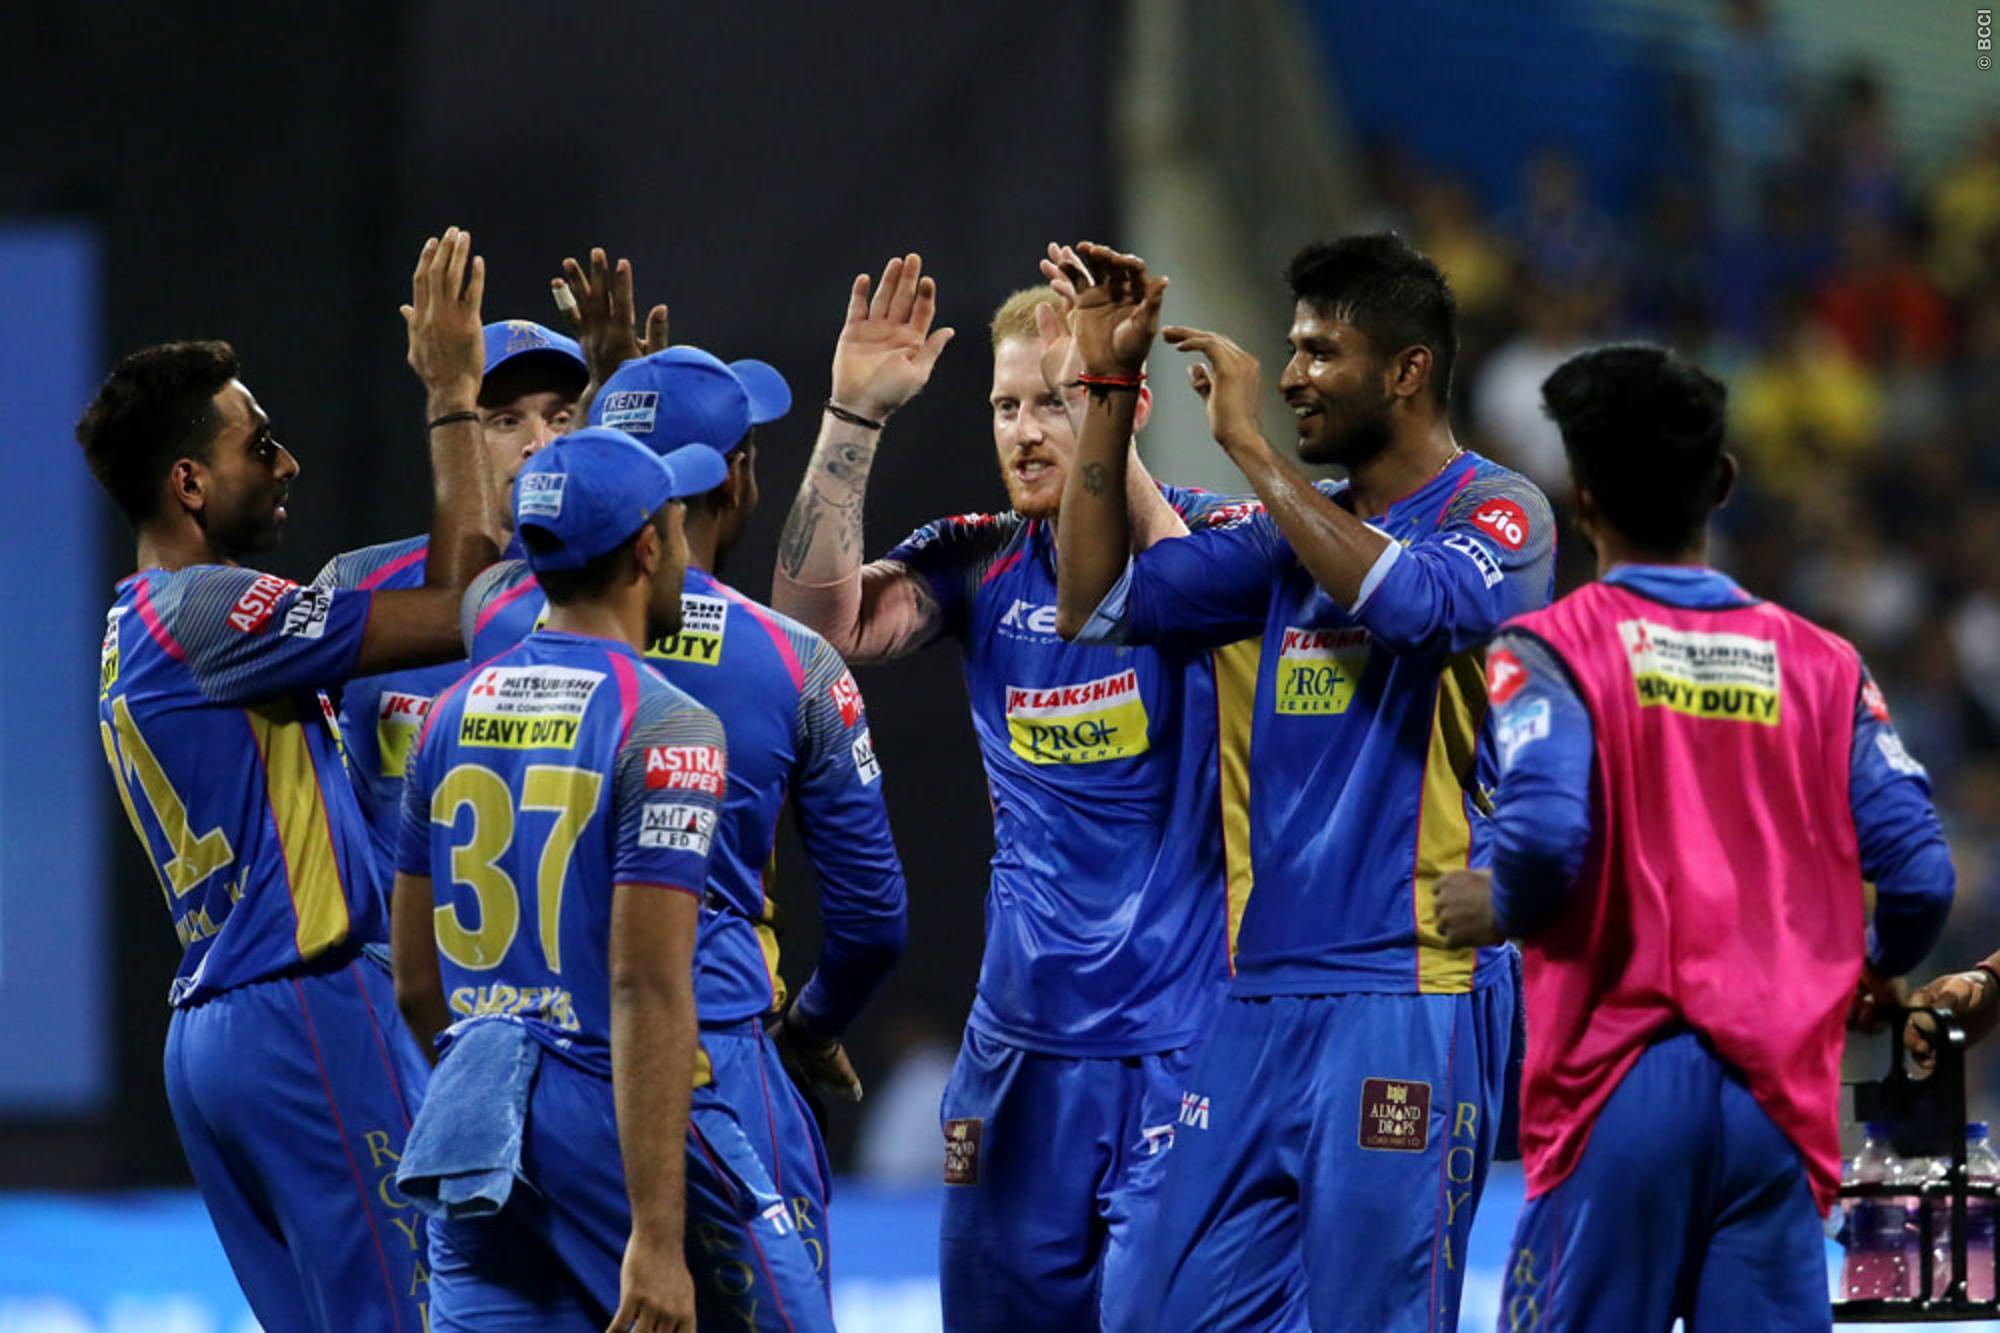 राजस्थान रॉयल्स की शानदार जीत के बाद राजस्थान ने रद्द कराई शेन वॉर्न की फ्लाइट 2